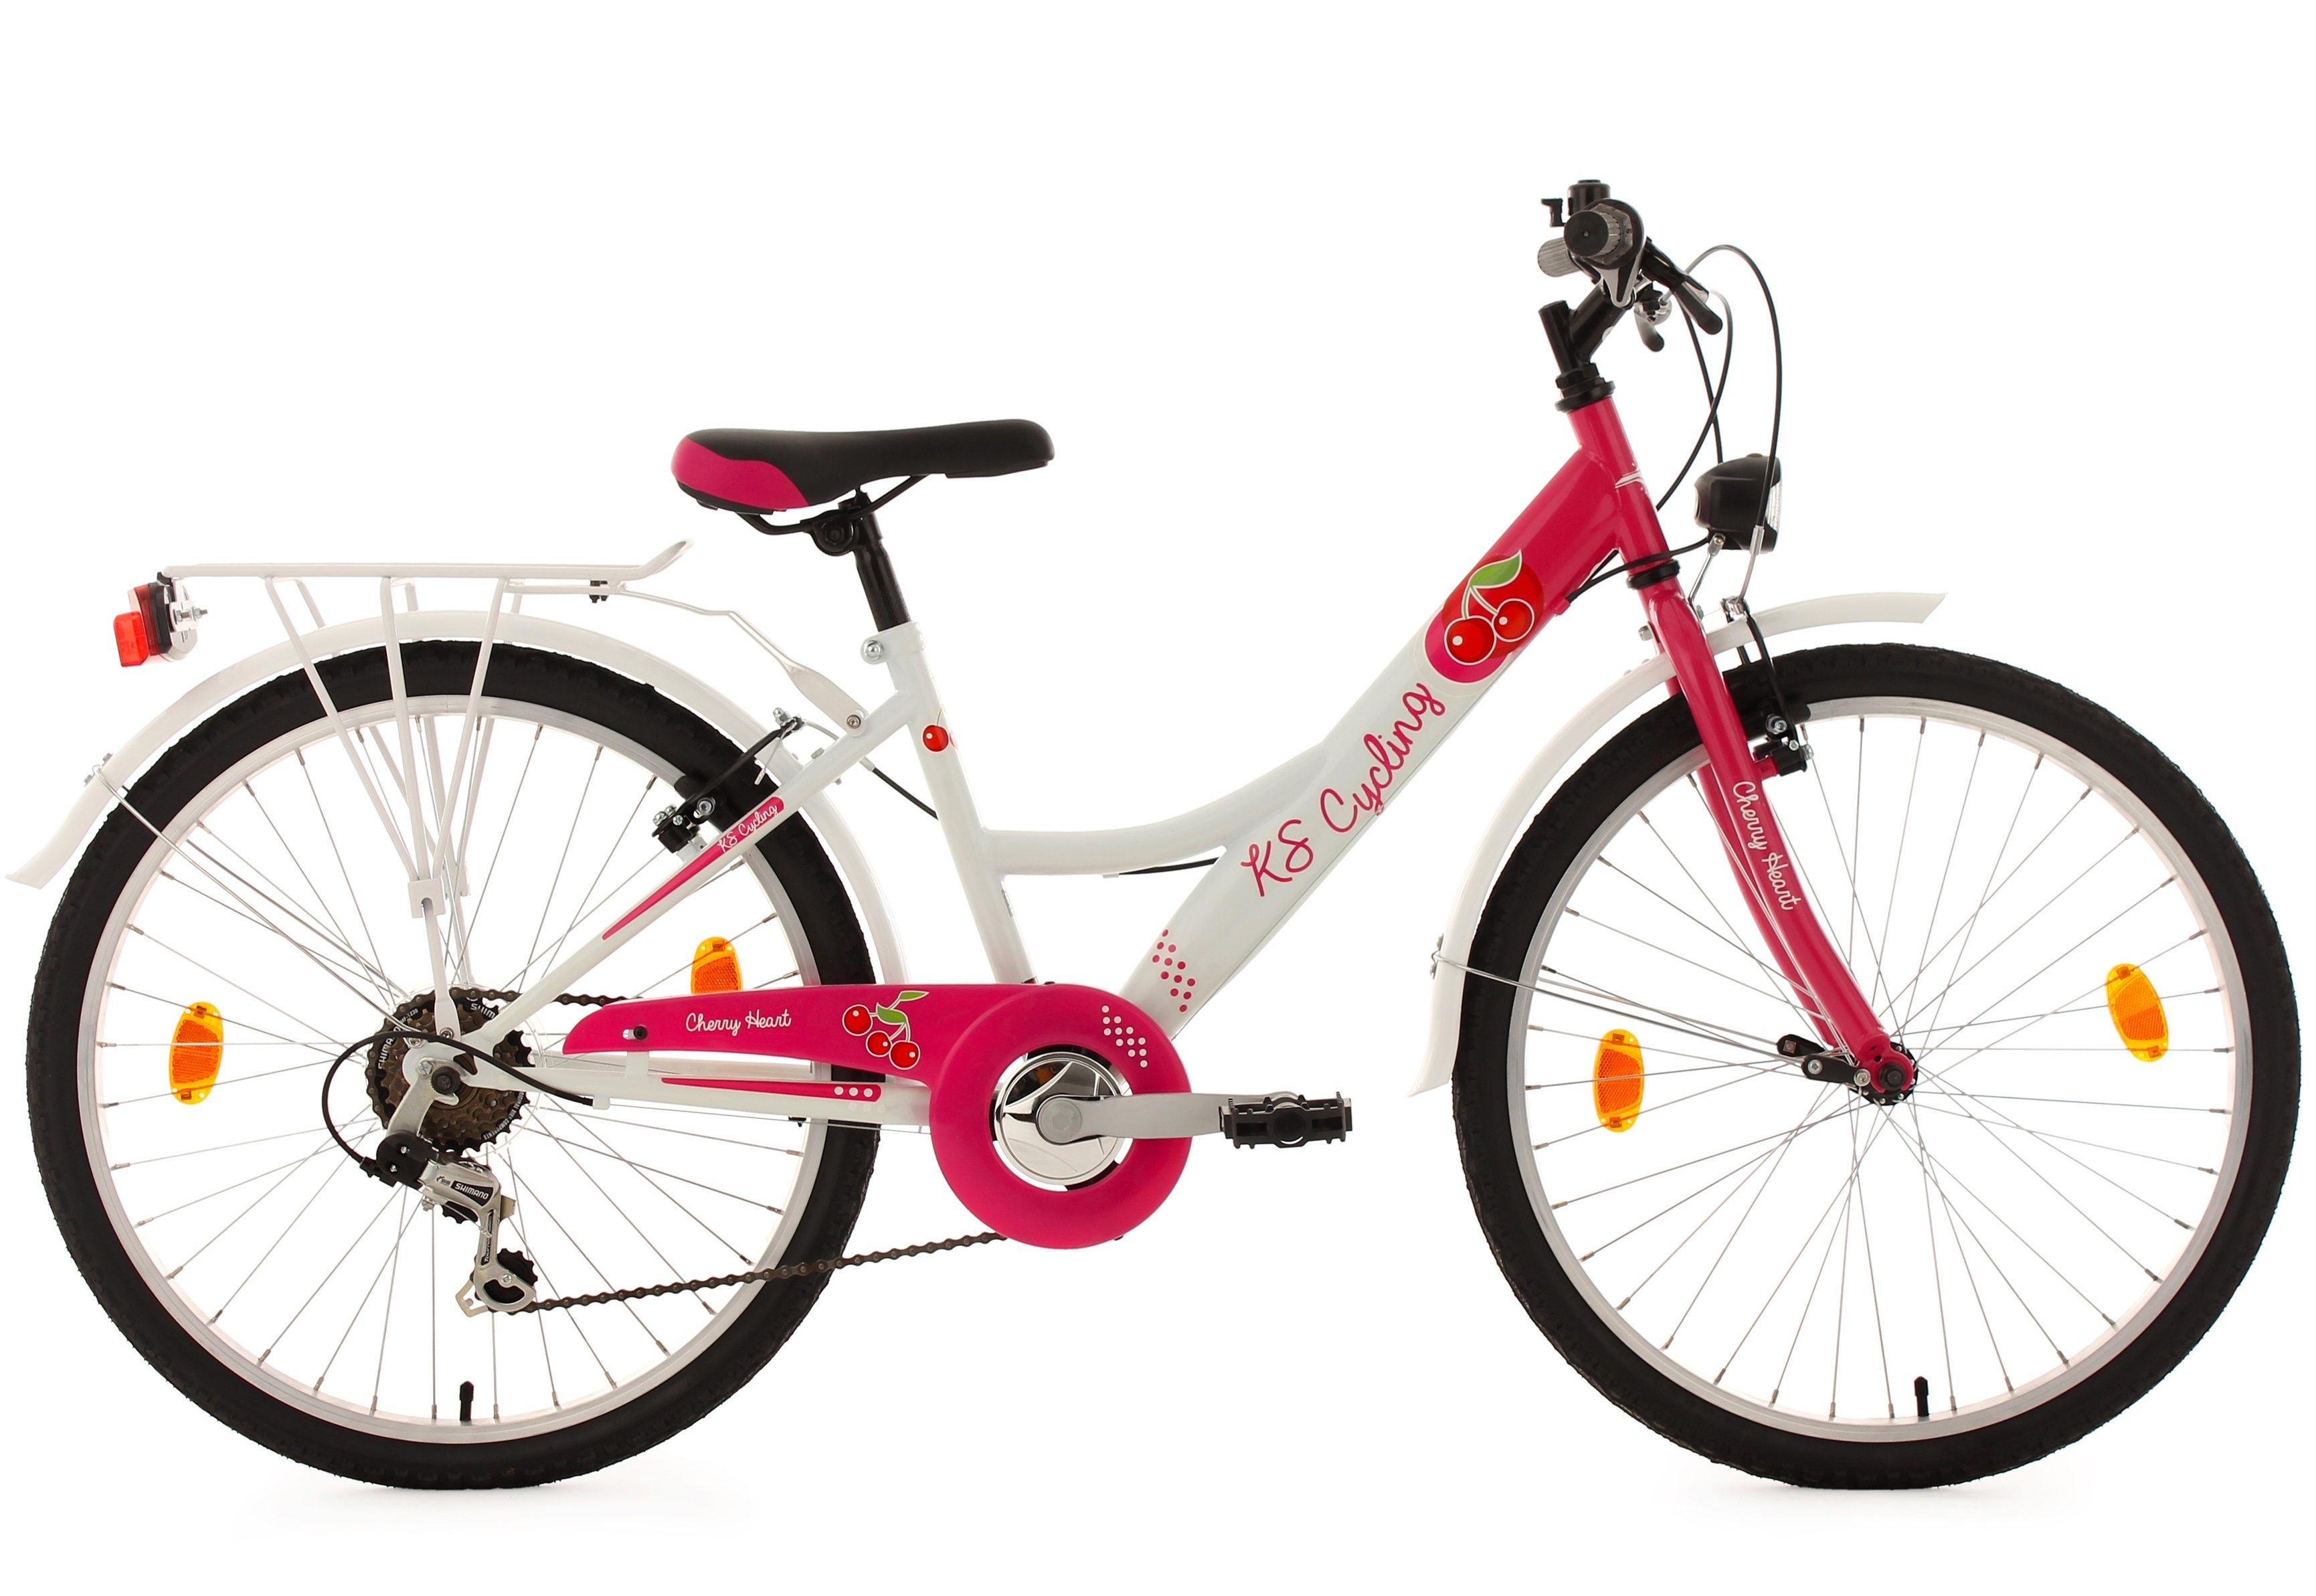 Mädchen Kinderfahrrad, 24 Zoll, weiß-pink, 6 Gang Kettenschaltung, »Cherry Heart«